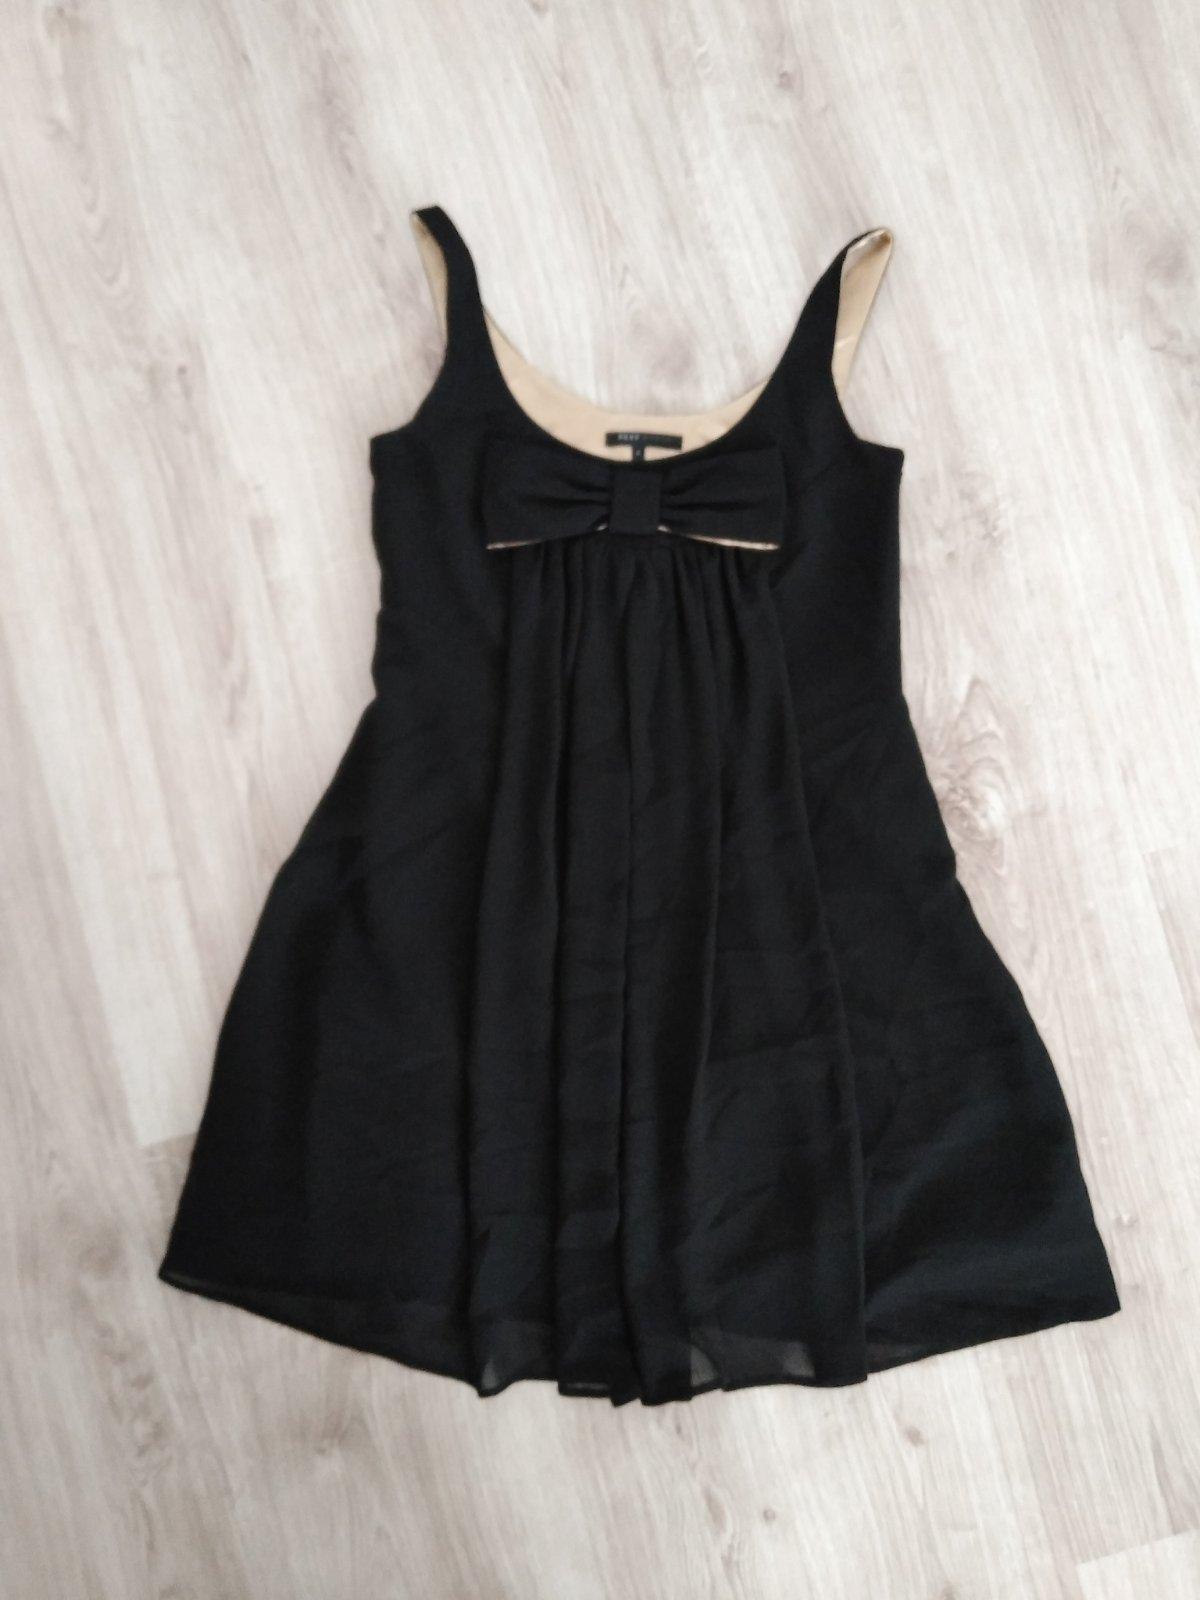 1c8ec8a14193 Spoločenské šaty pre tehotné 36-38